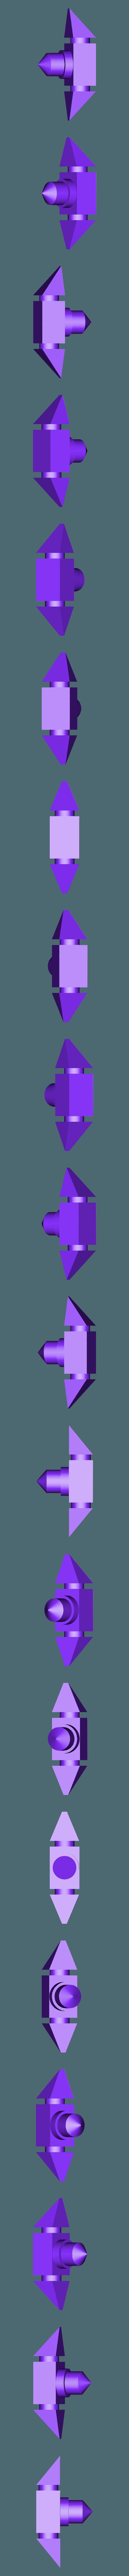 hammer.stl Télécharger fichier STL gratuit Hache de main de Norn Guild Wars 2 • Modèle pour imprimante 3D, reakain